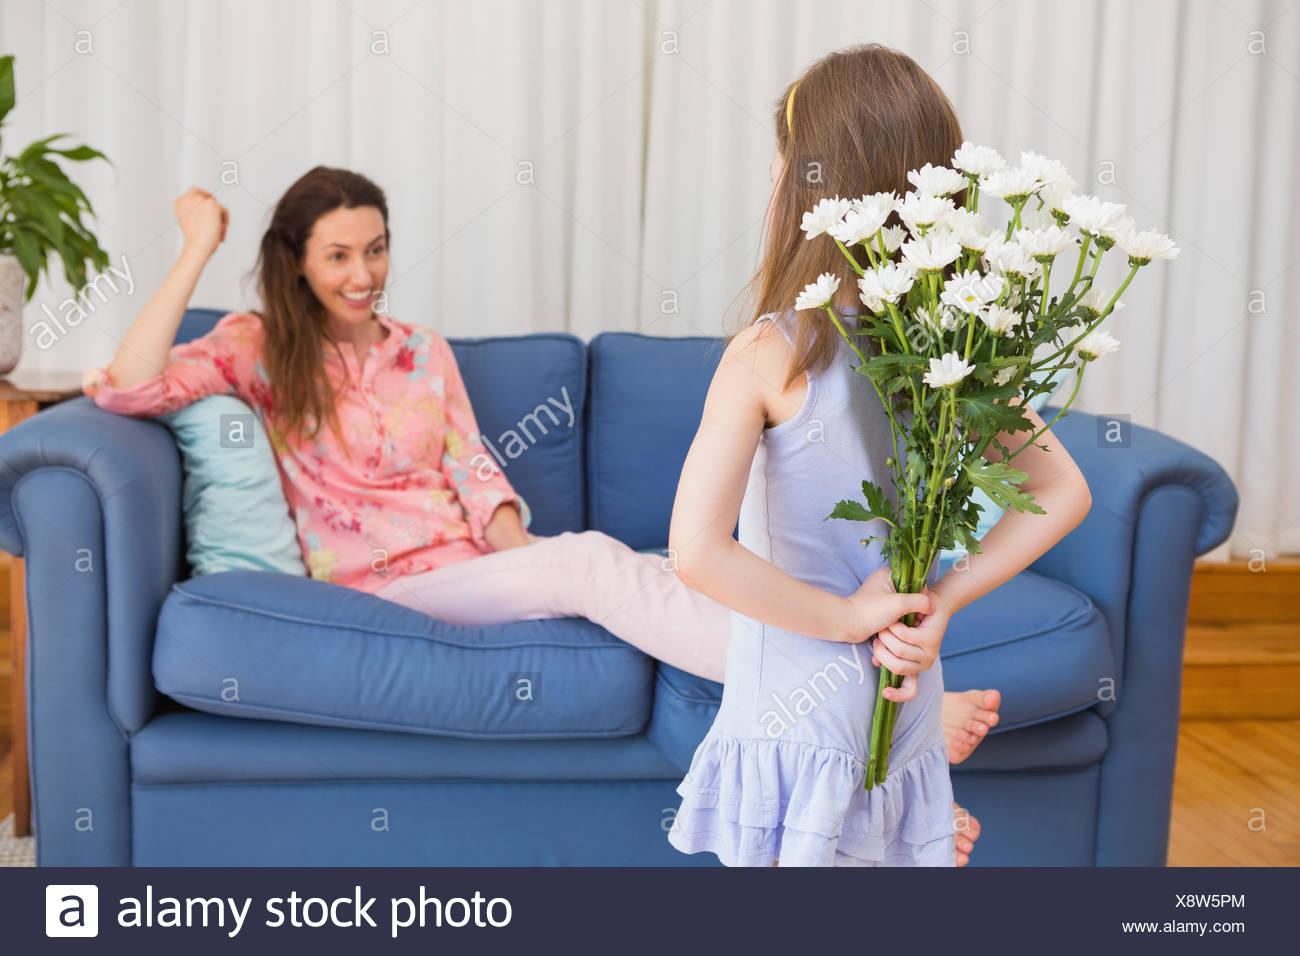 Fille mère surprenant avec des fleurs Photo Stock